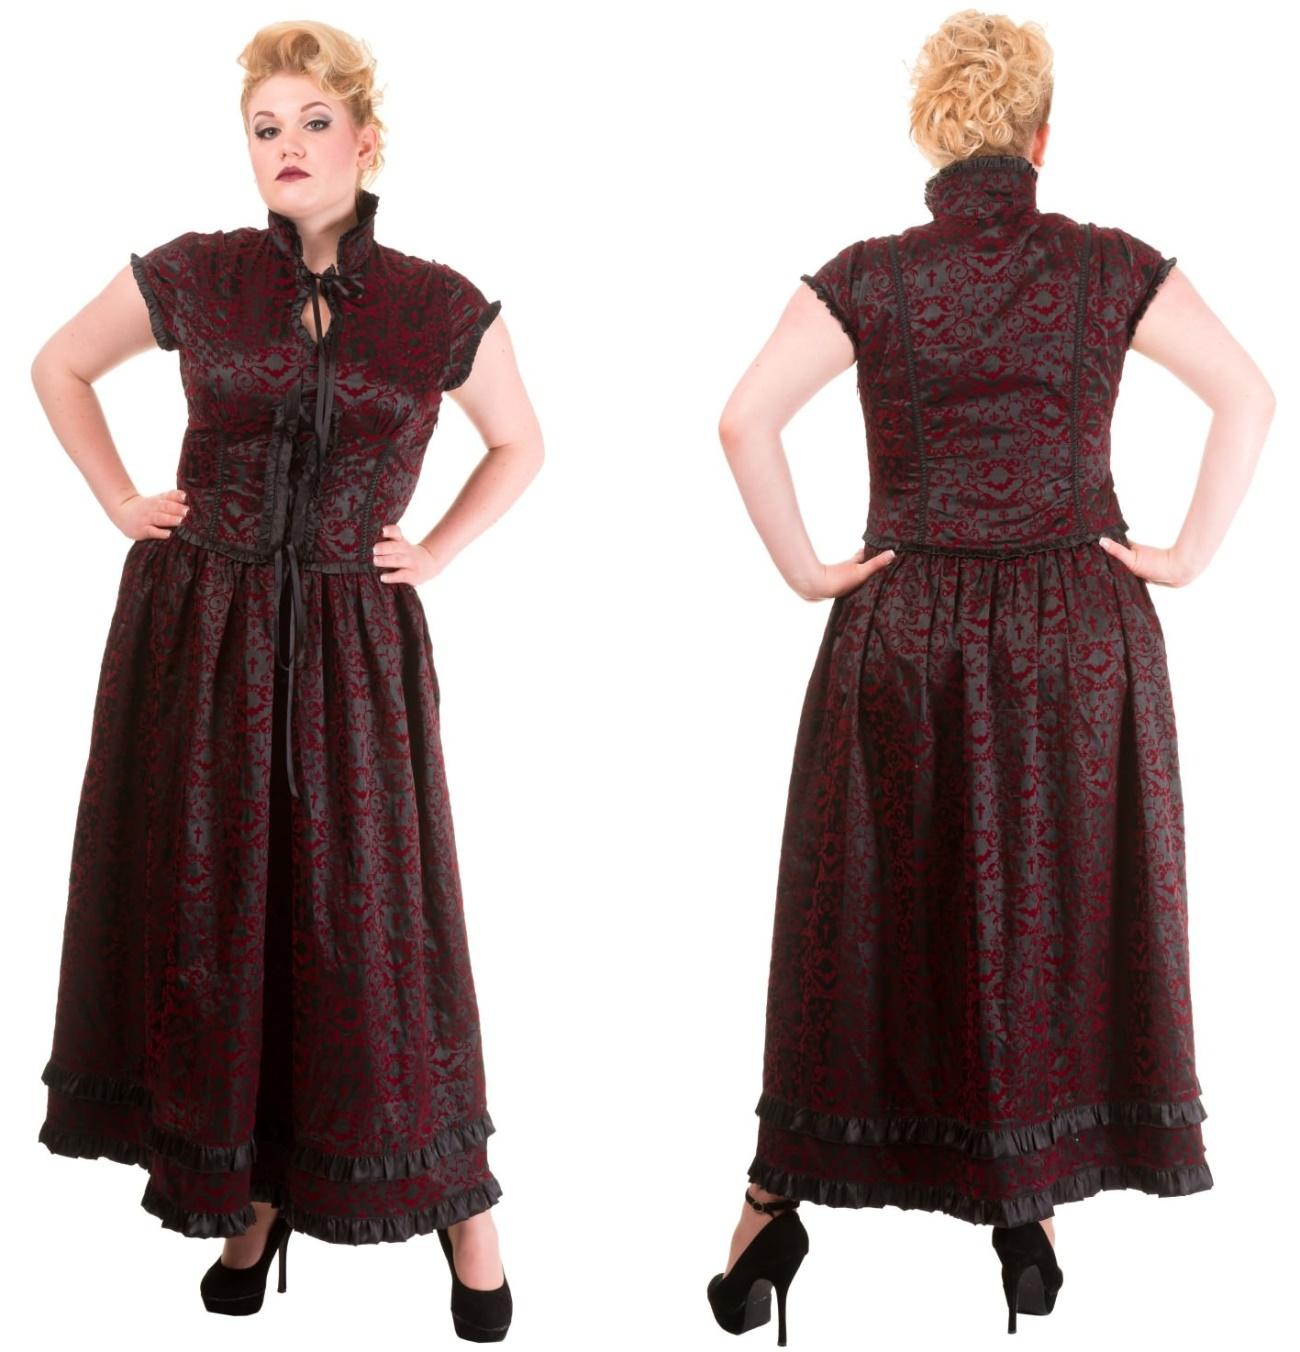 Vintage Gothic Kleid Vine Übergröße Banned - Banned Clothing Shop